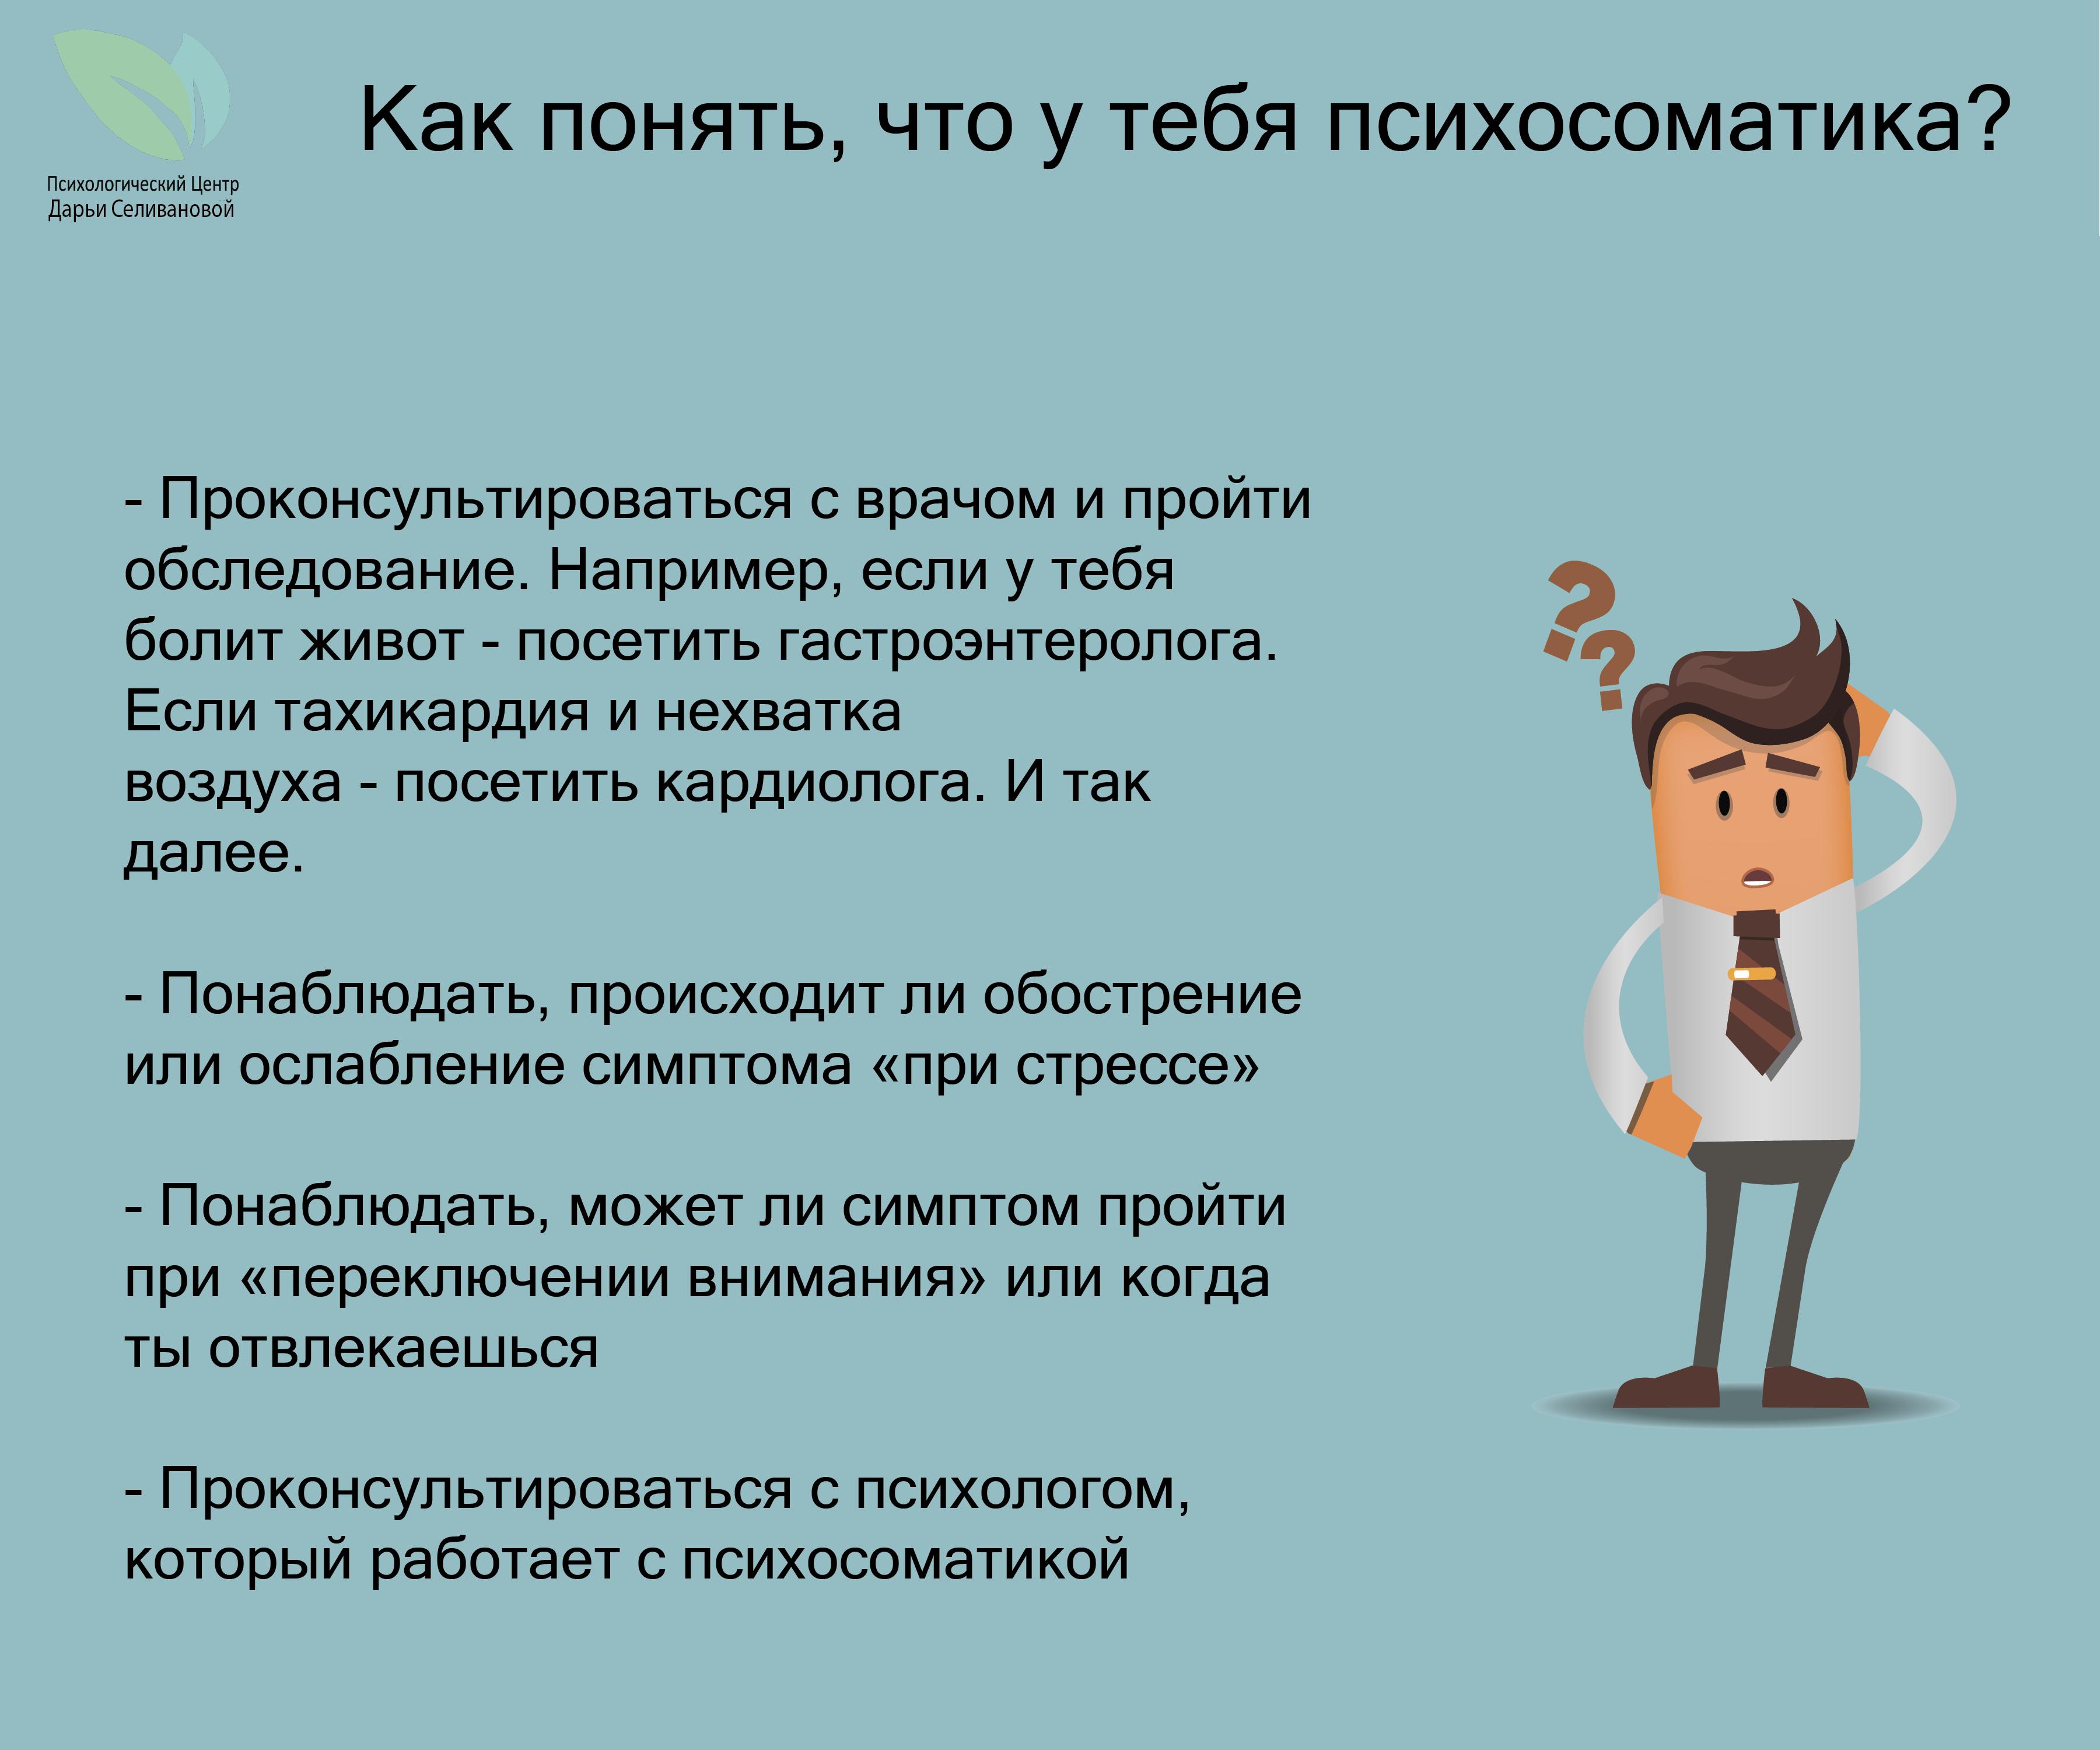 5 Как понять что у тебя психосоматика